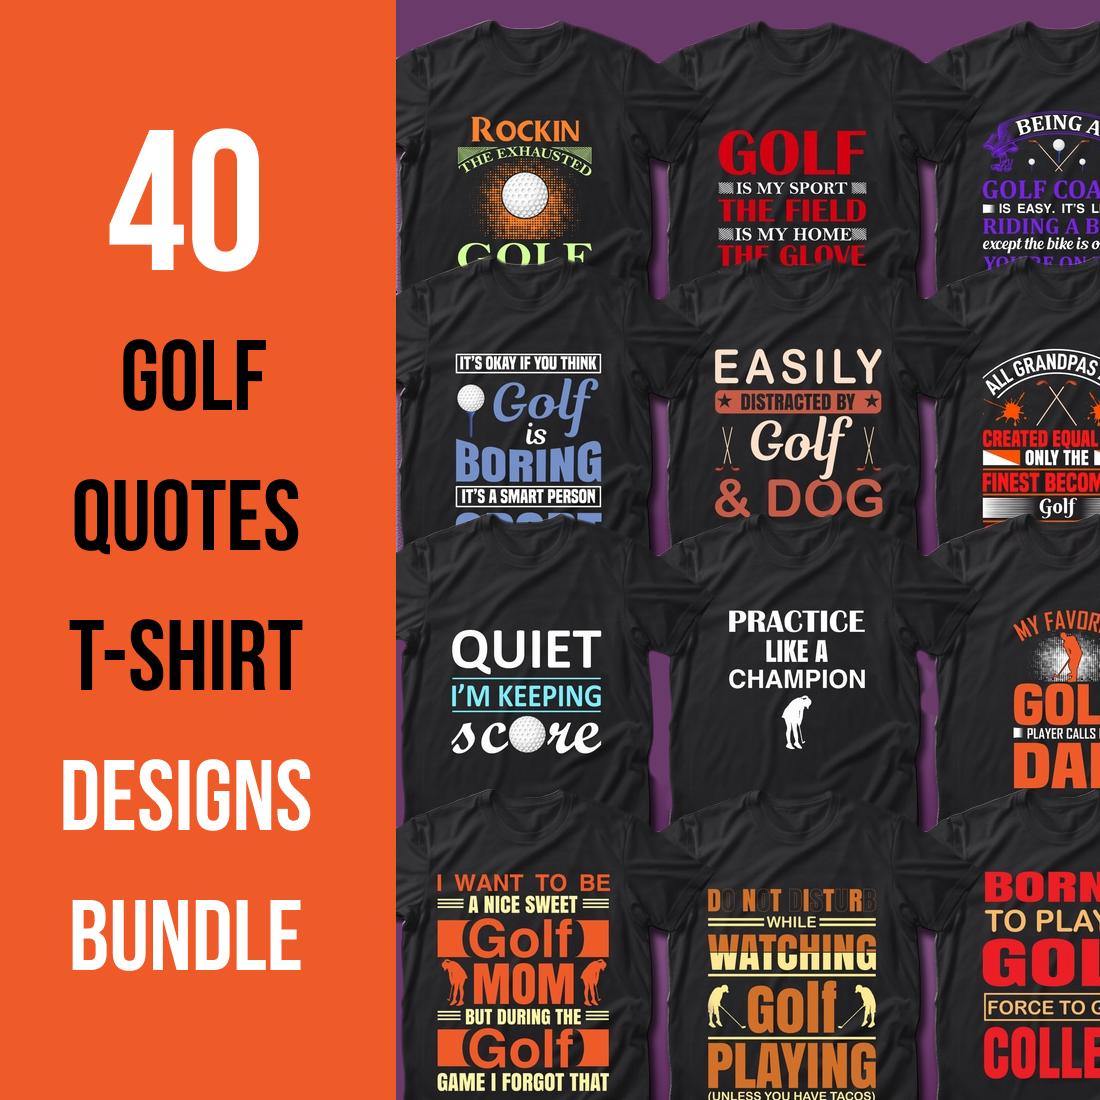 1 40 Golf Quotes T Shirt Designs Bundle